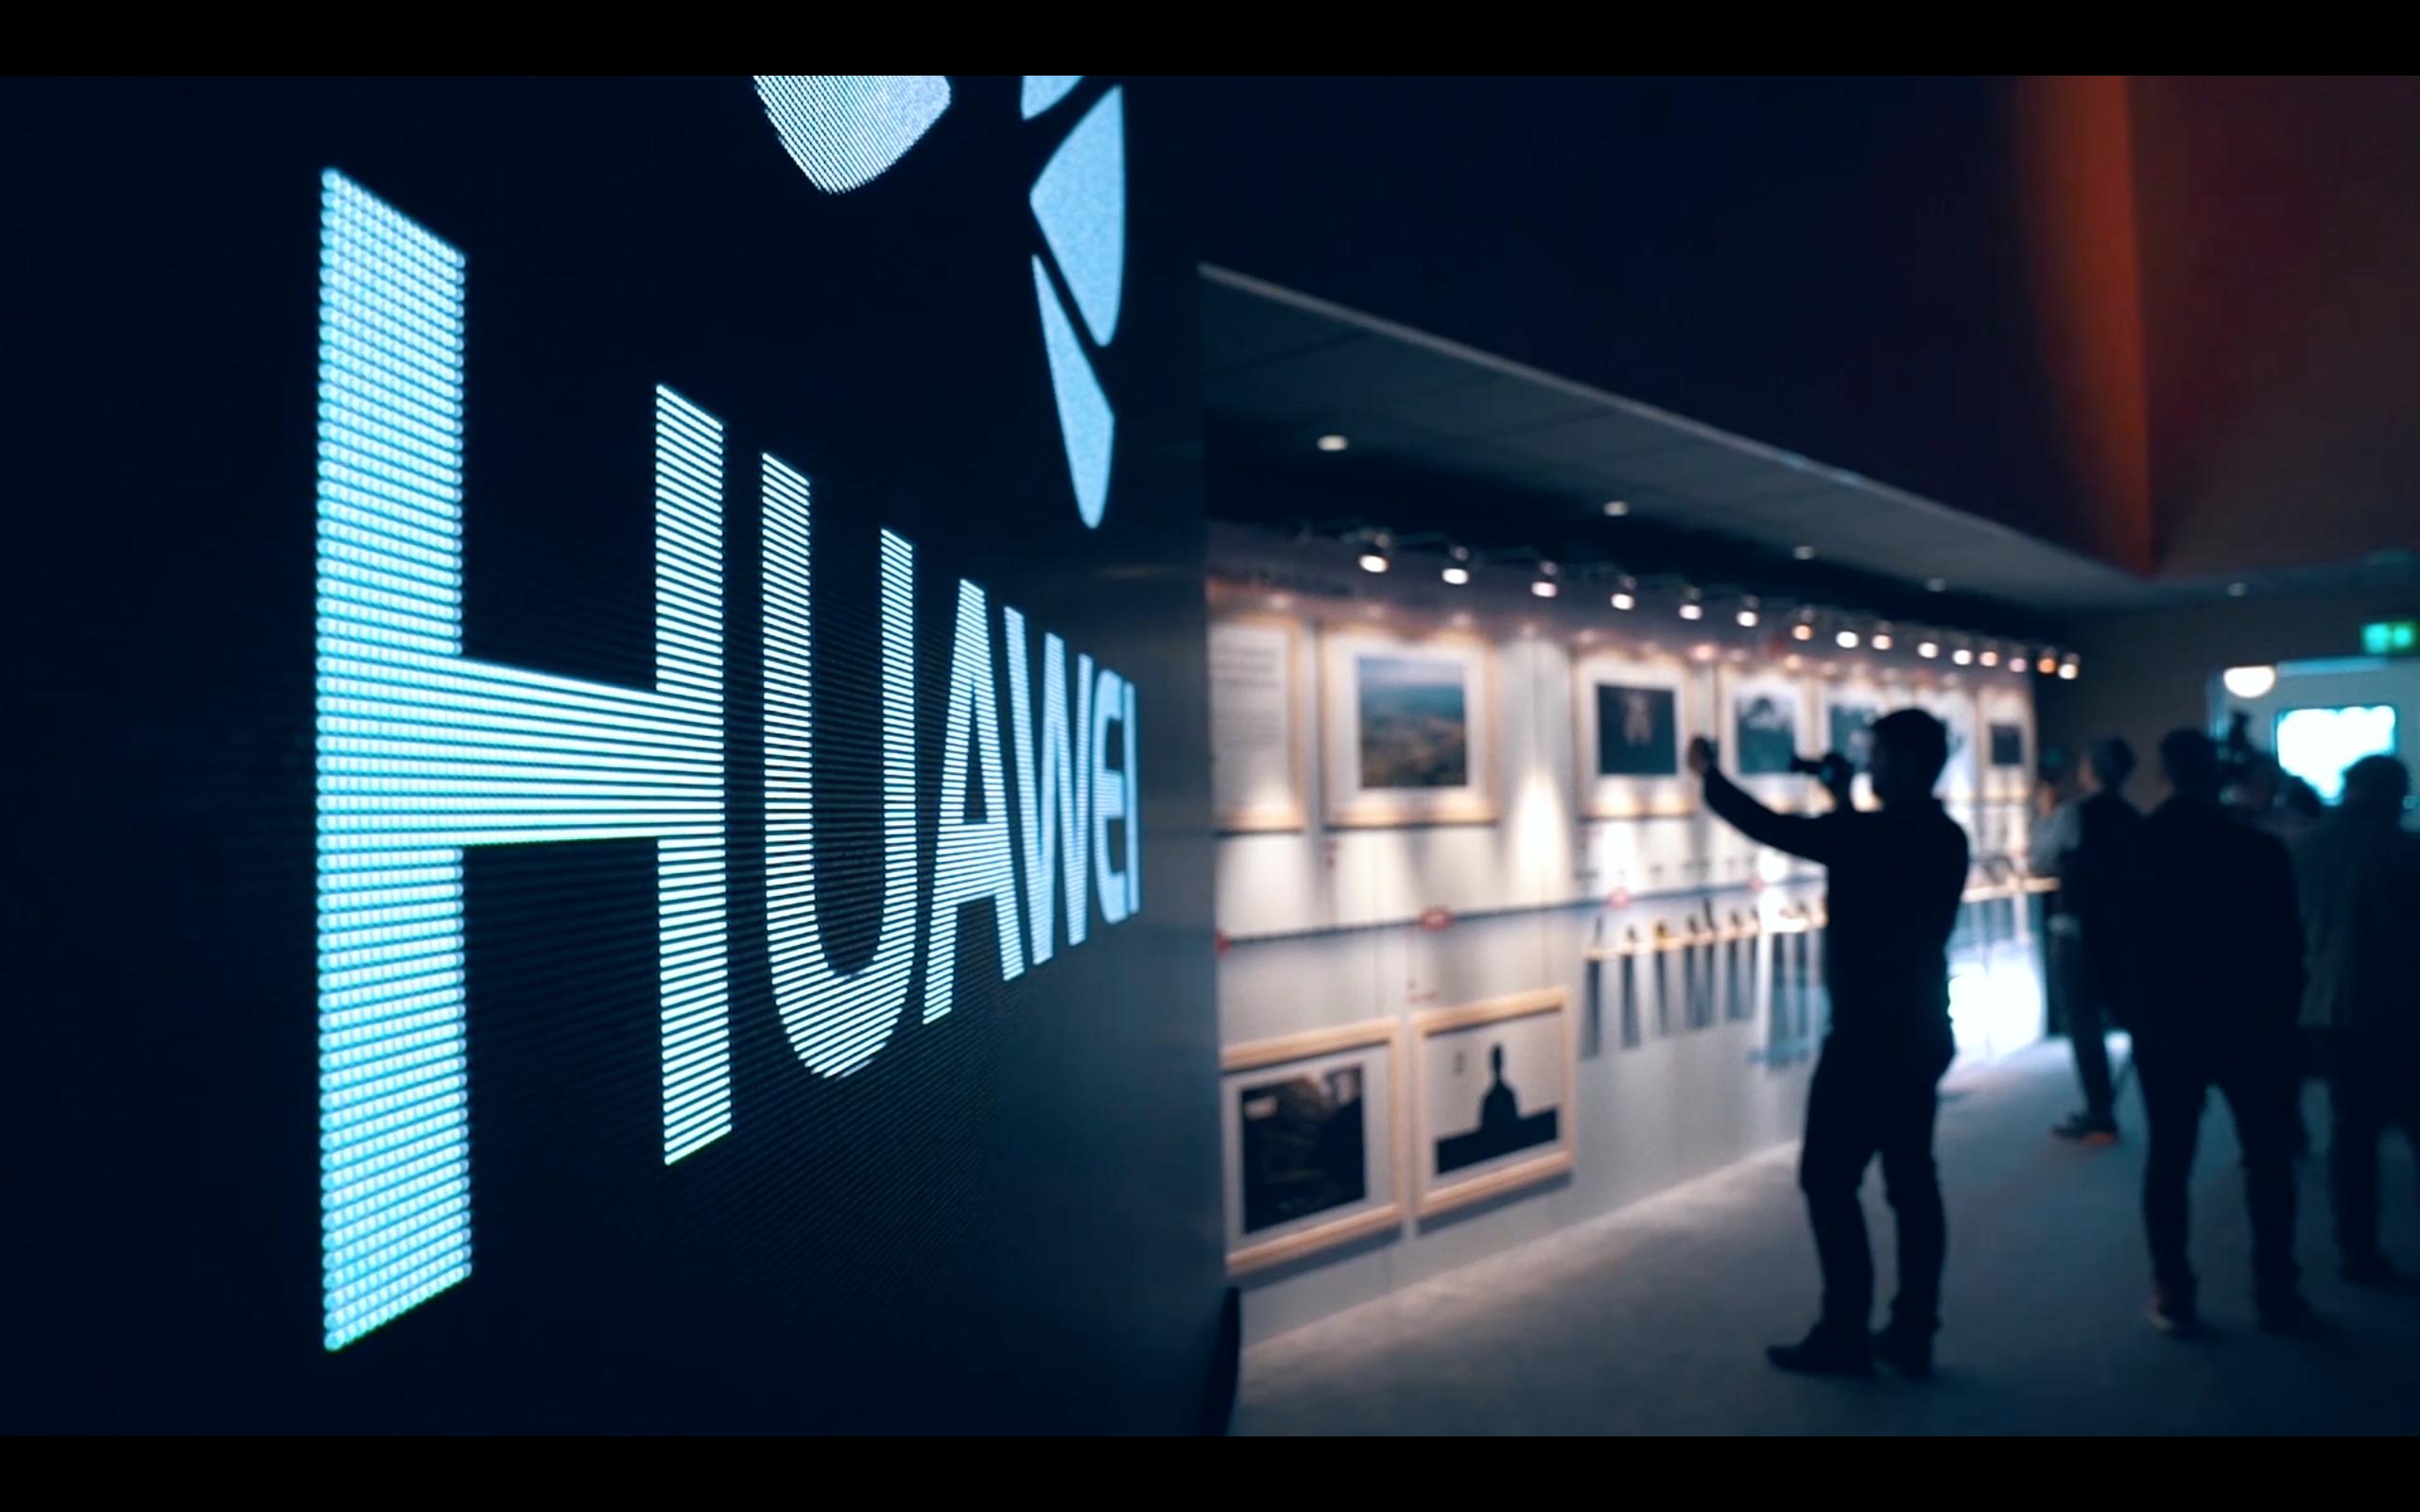 AR enhanced Huawei event